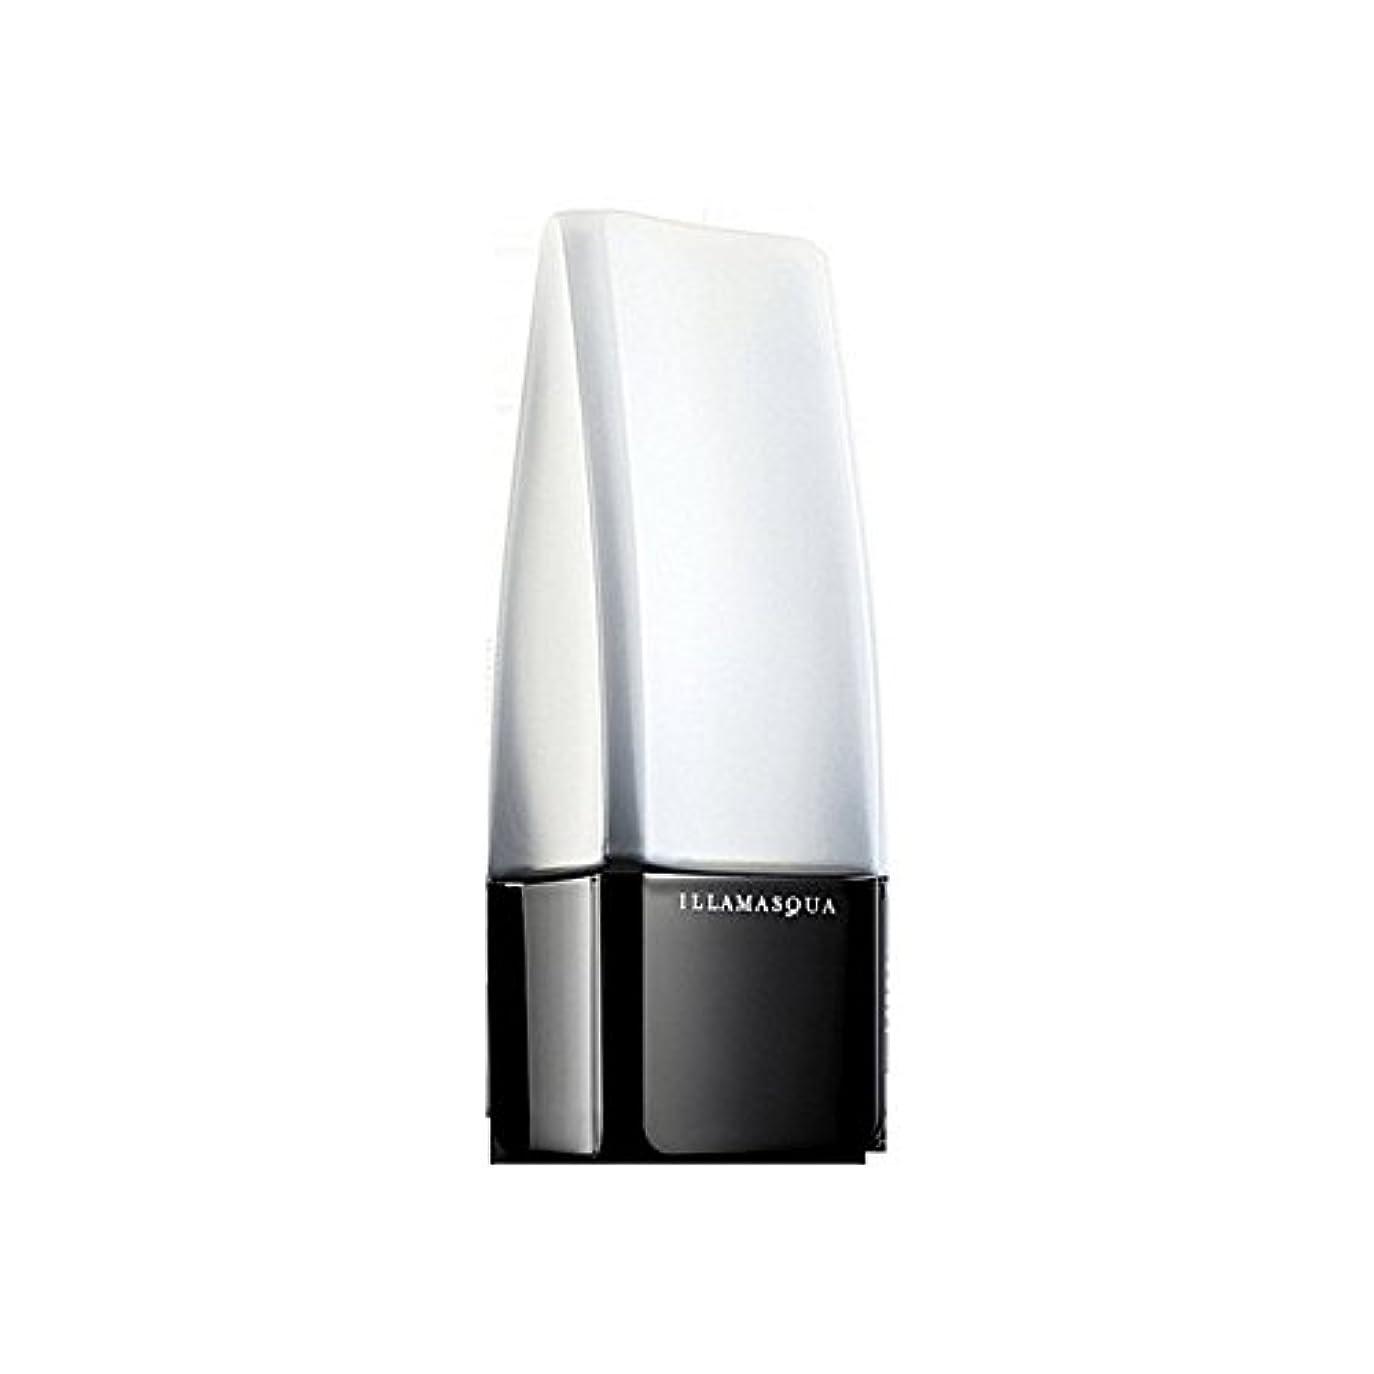 私たちのものシンク小屋Illamasqua Matt Primer Spf 20 30ml (Pack of 6) - マットプライマー 20 30ミリリットル x6 [並行輸入品]